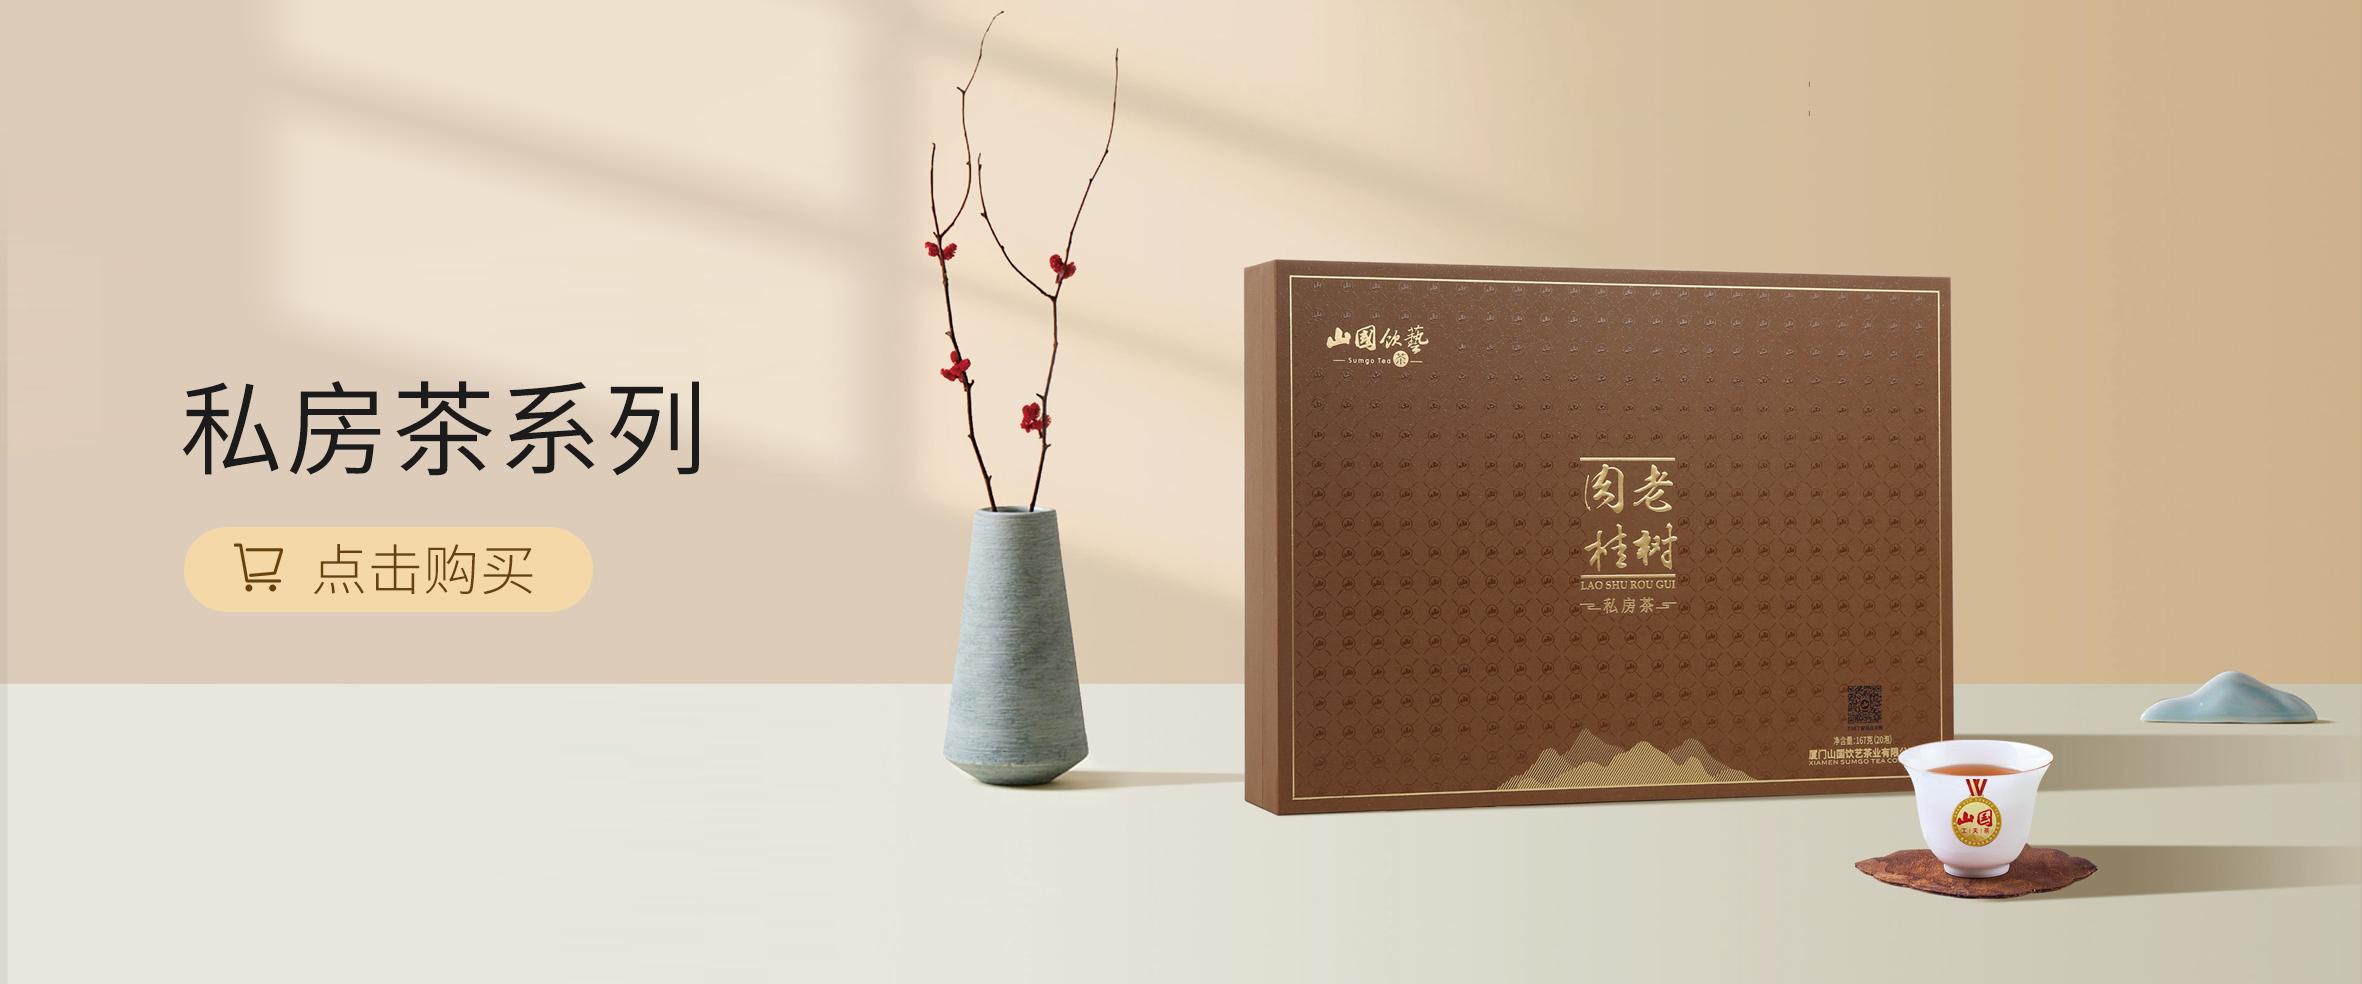 私房茶系列banner